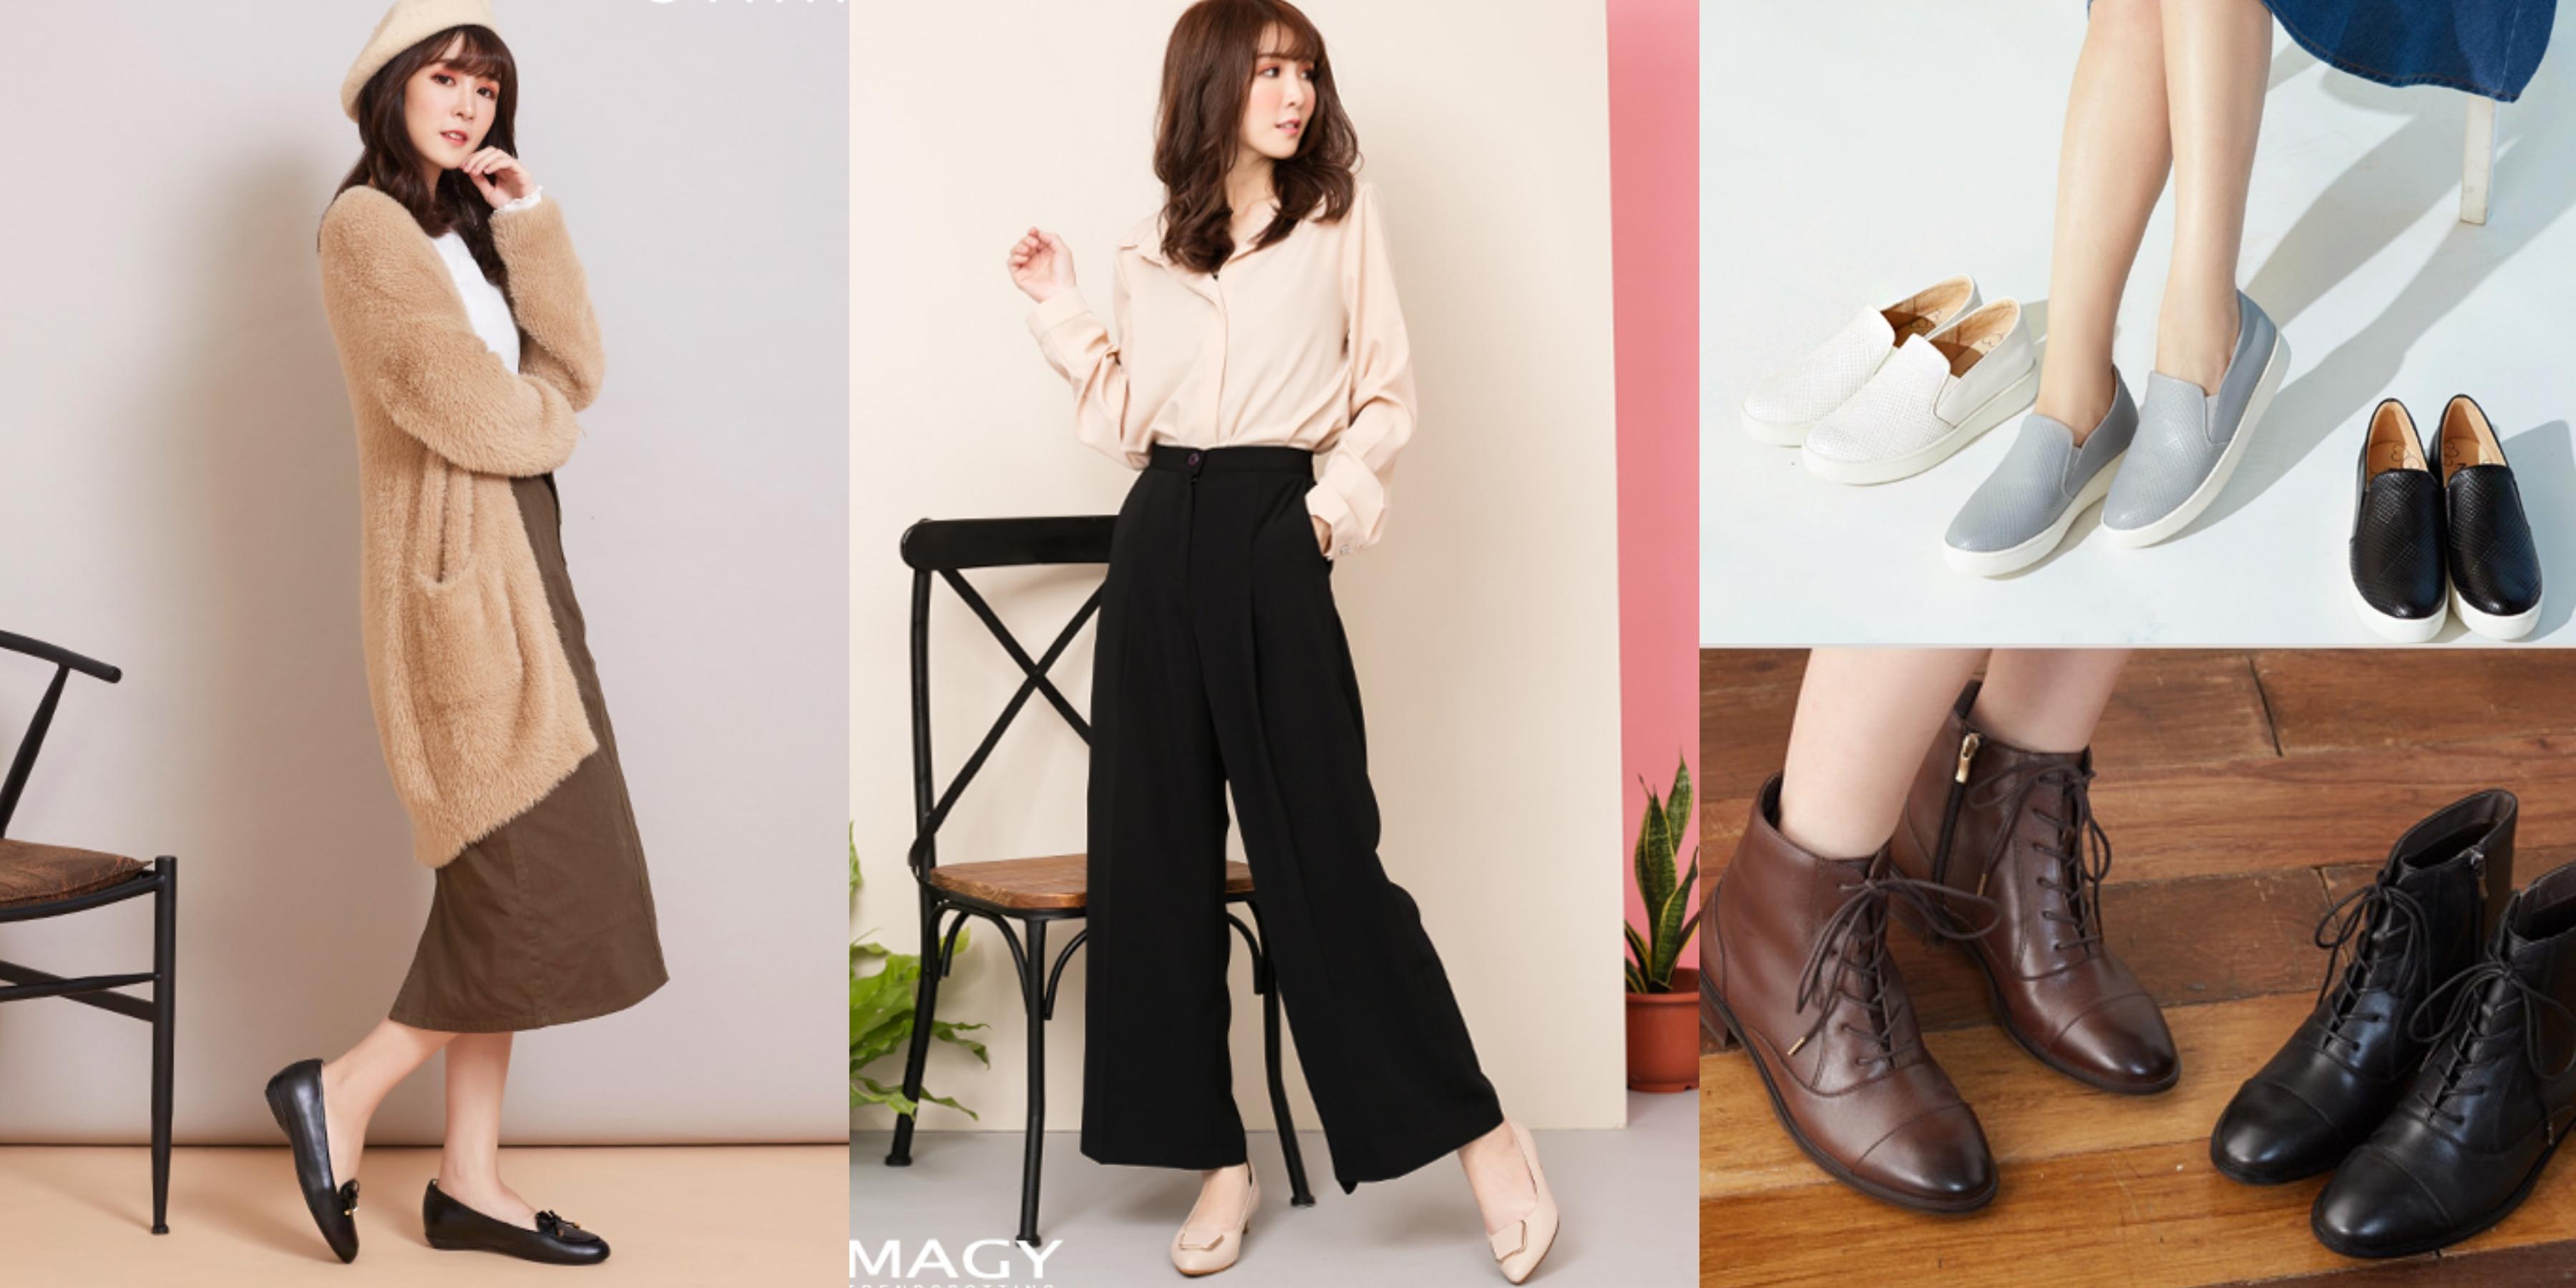 換季鞋櫃必收的4大鞋款♡鎖定仙女系美鞋Magy一次買齊!